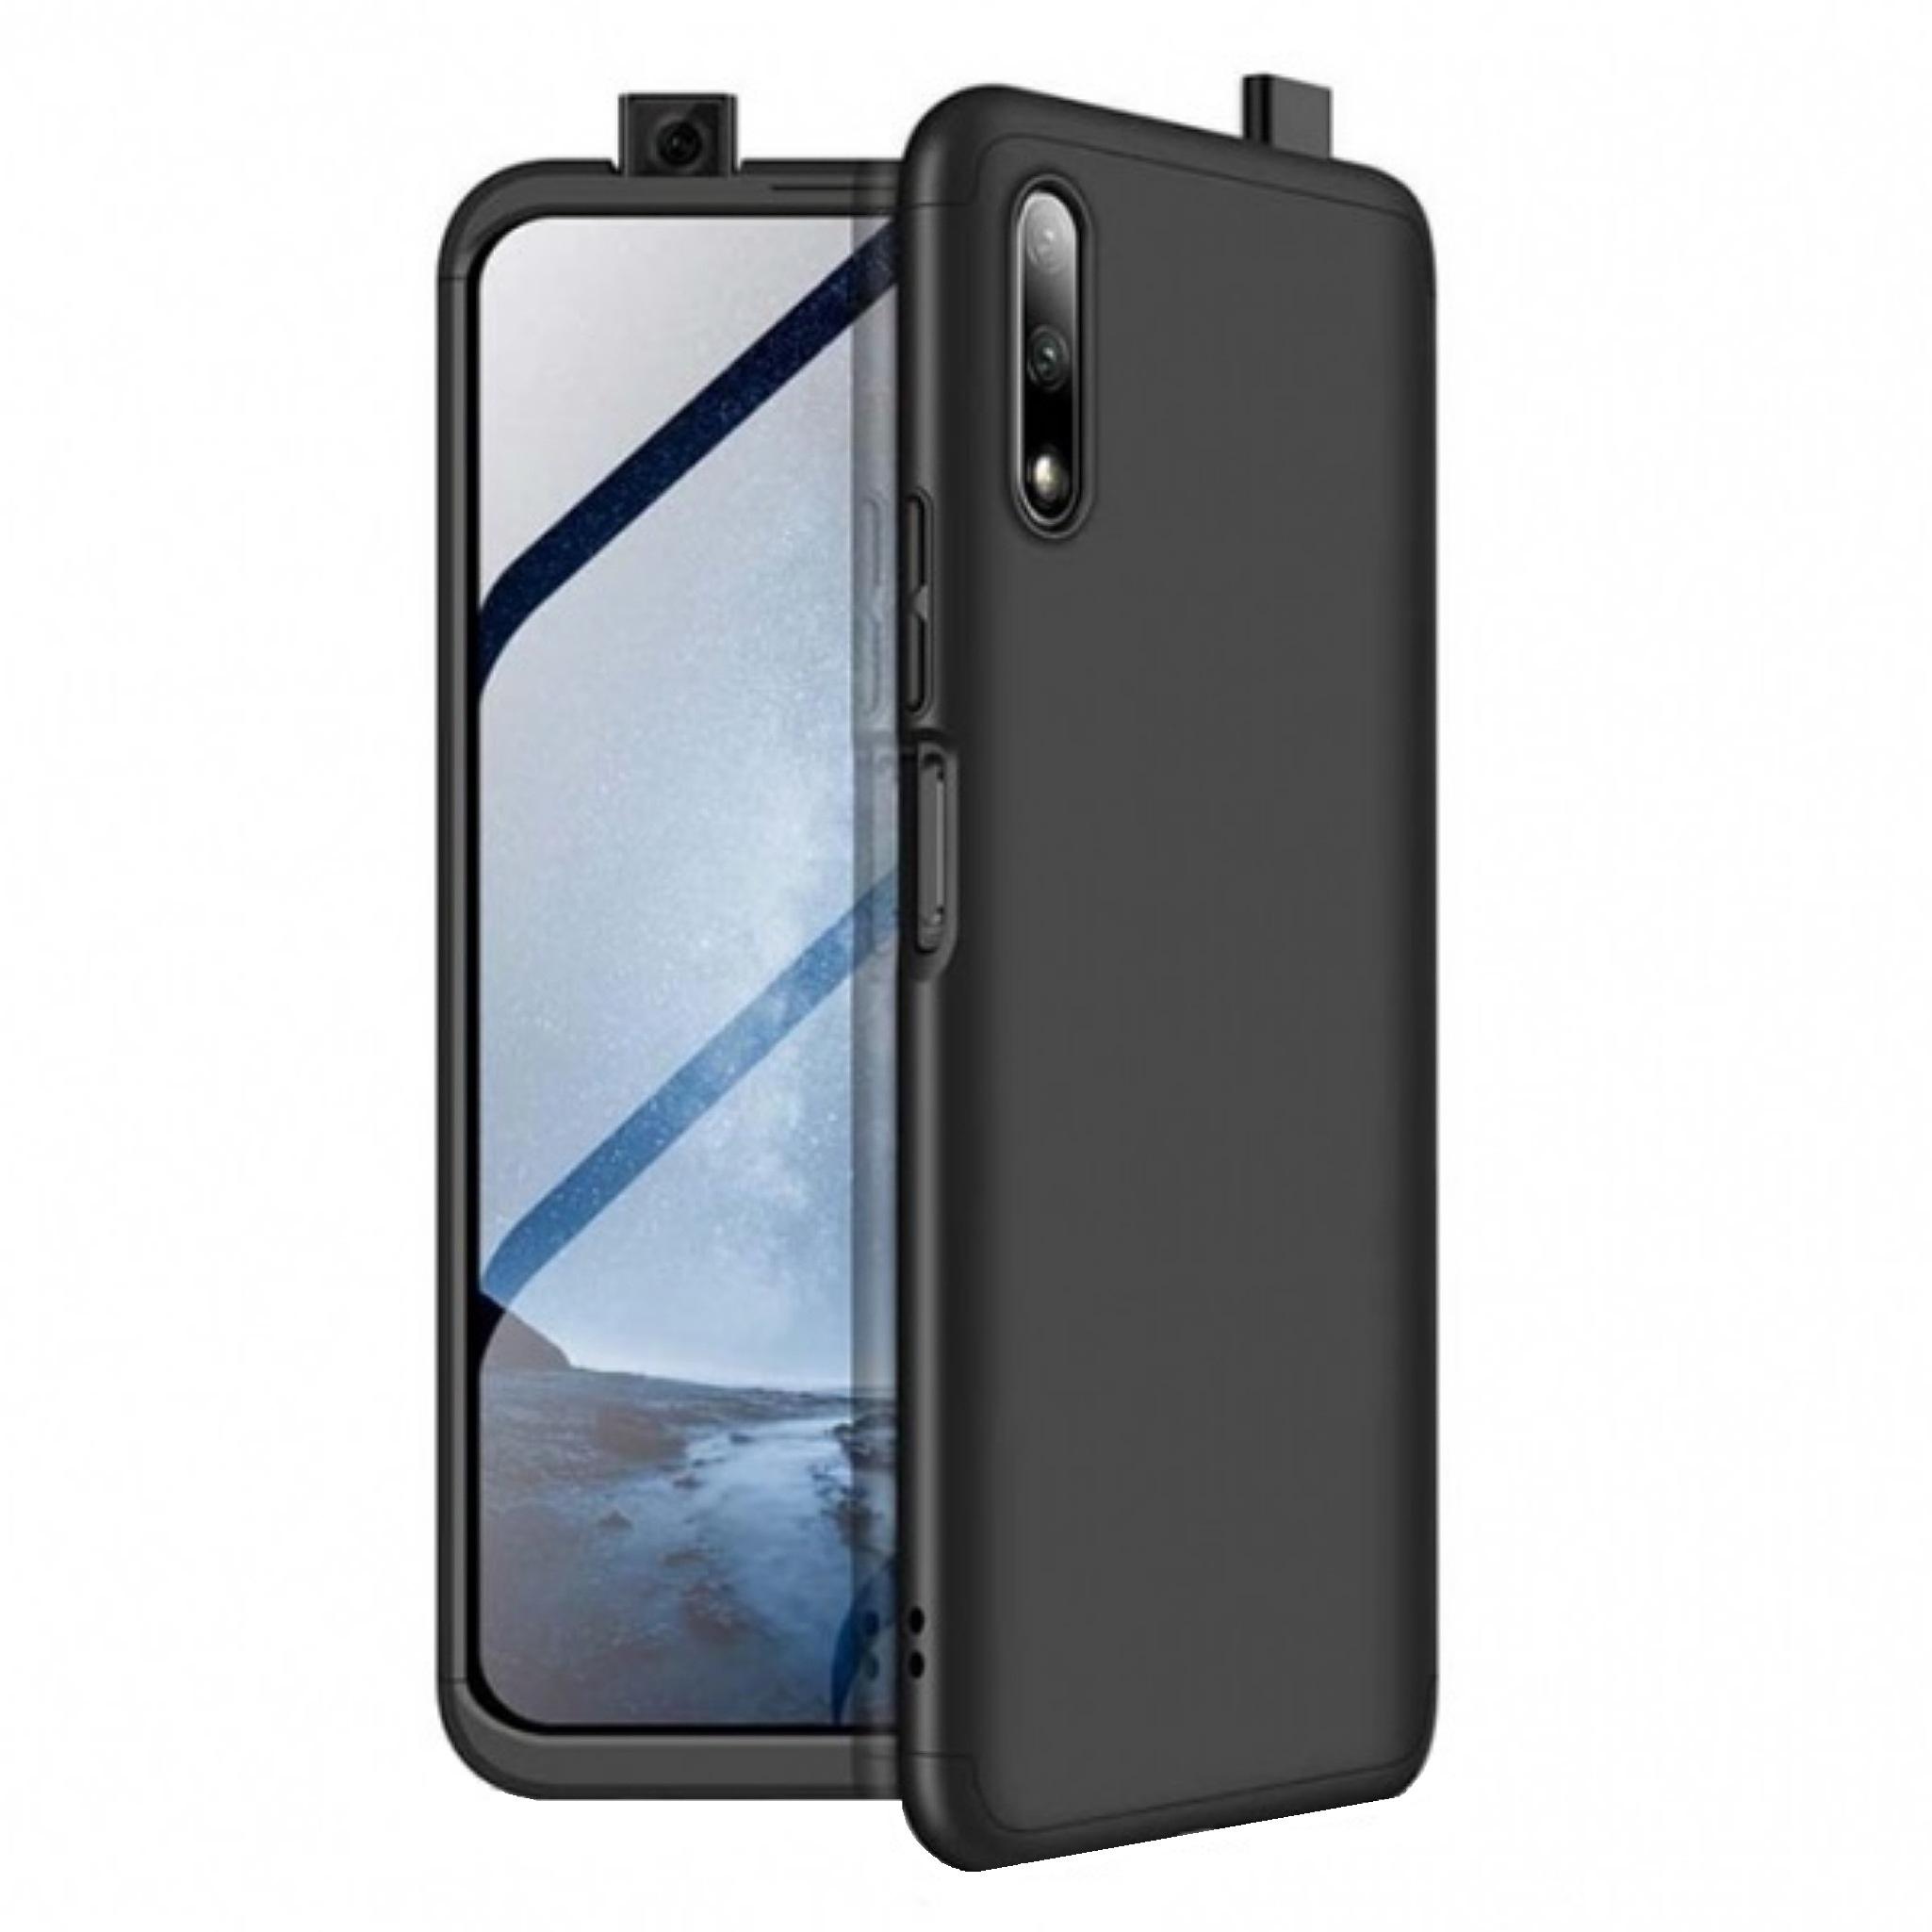 کاور 360 درجه جی کی کی مدل G-9S مناسب برای گوشی موبایل هوآوی Y9s              ( قیمت و خرید)